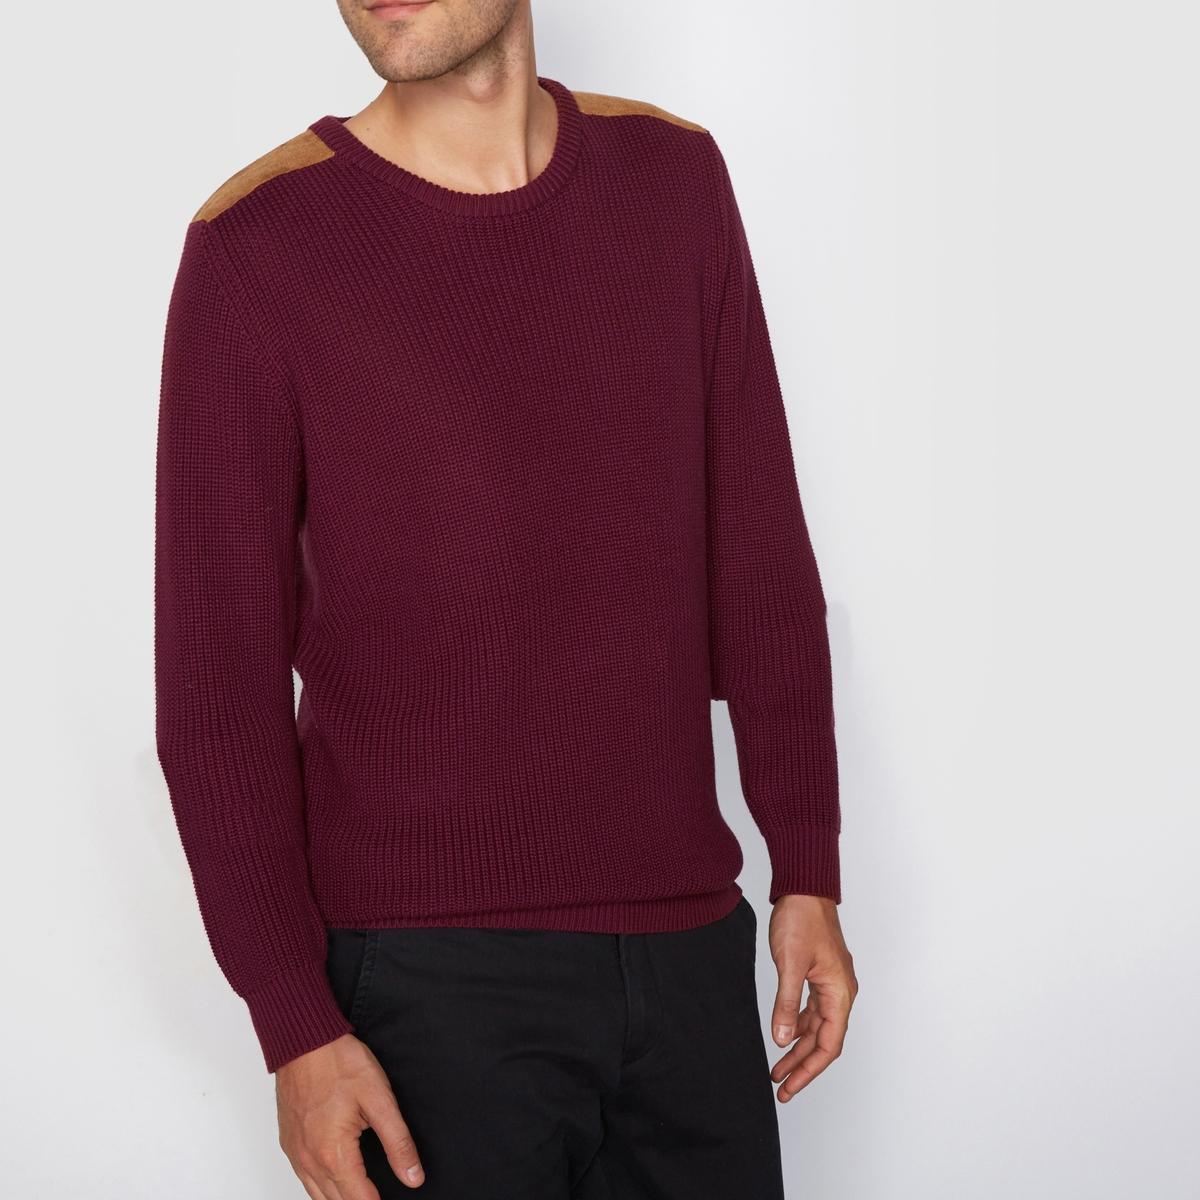 Пуловер из хлопка в рубчик, высокий воротник, вставки на плечахПуловер из хлопка в рубчик, высокий воротник, вставки на плечах, R edition.Стильный пуловер, 100% хлопок, вставки из искусственной замши на плечах. Можно носить на голое тело или с футболкой и наслаждаться комфортом. Материал : 100% хлопок Длинные рукава.  Круглый вырез. Вставки из искусственной замши на плечах.<br><br>Цвет: бордовый,серый,темно-синий<br>Размер: M.S.XXL